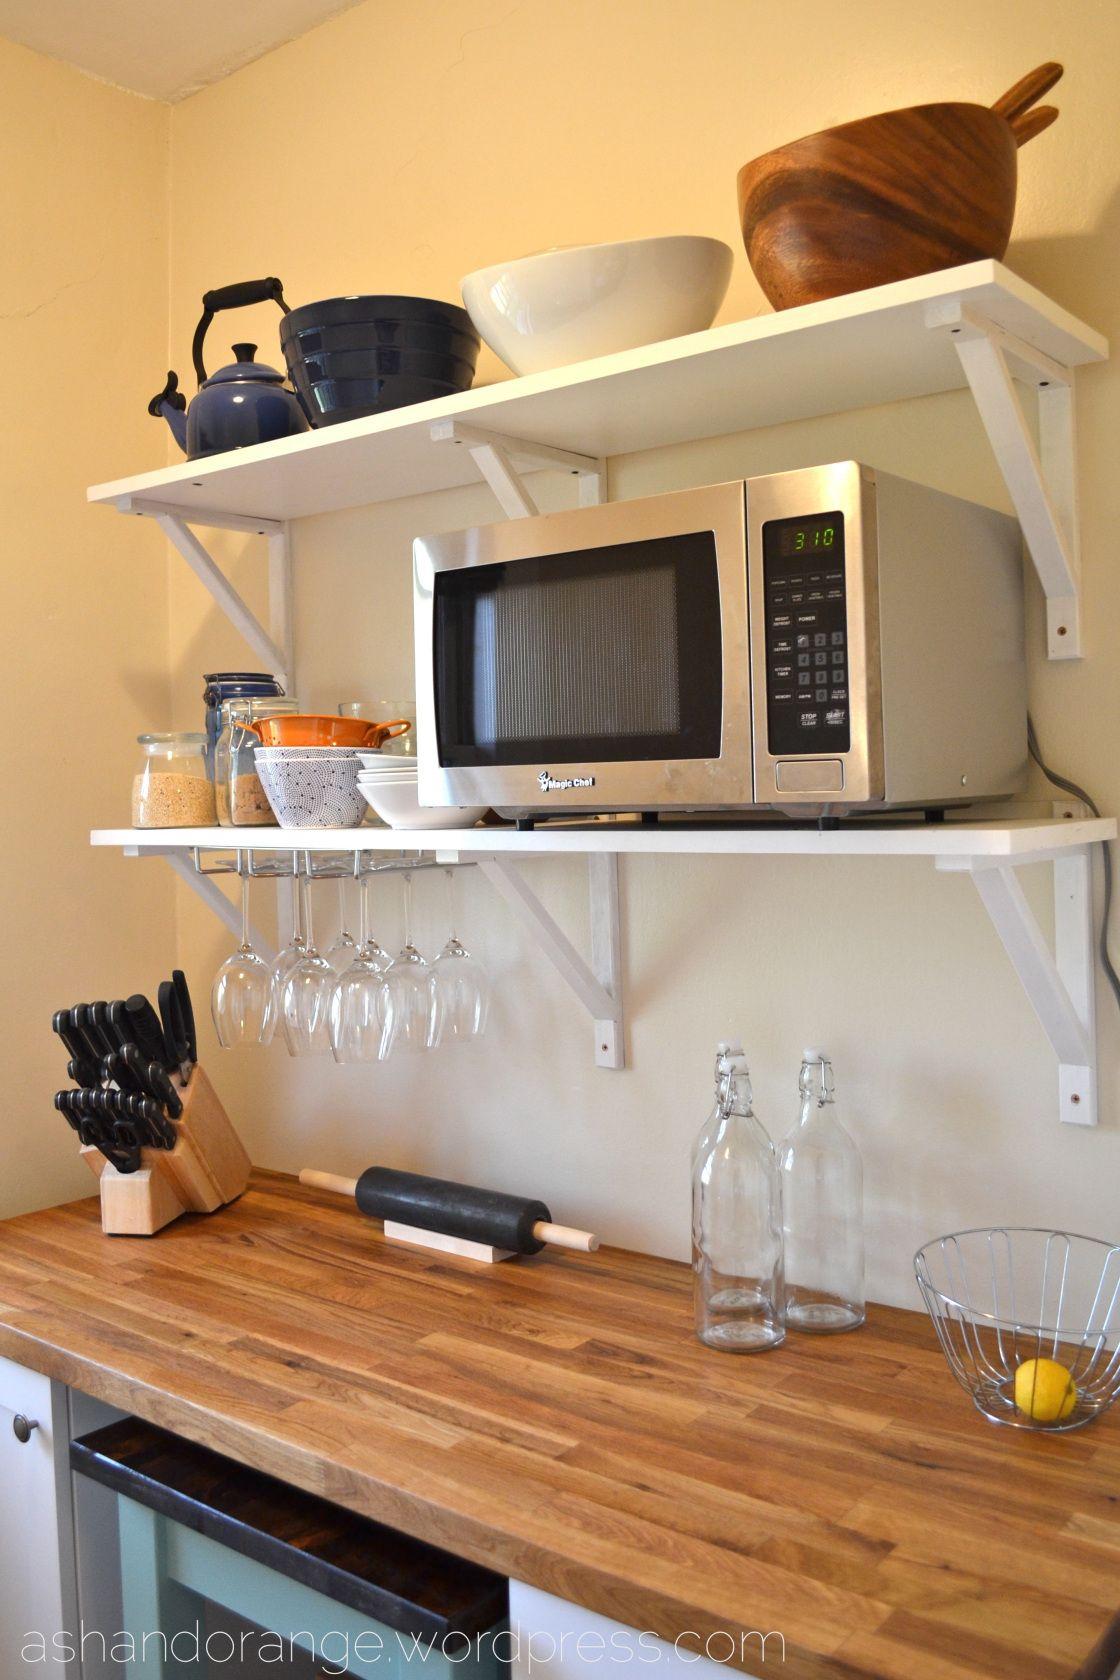 Ideen für küchenideen the nook  küche  pinterest  küchen ideen einbauküche und haus